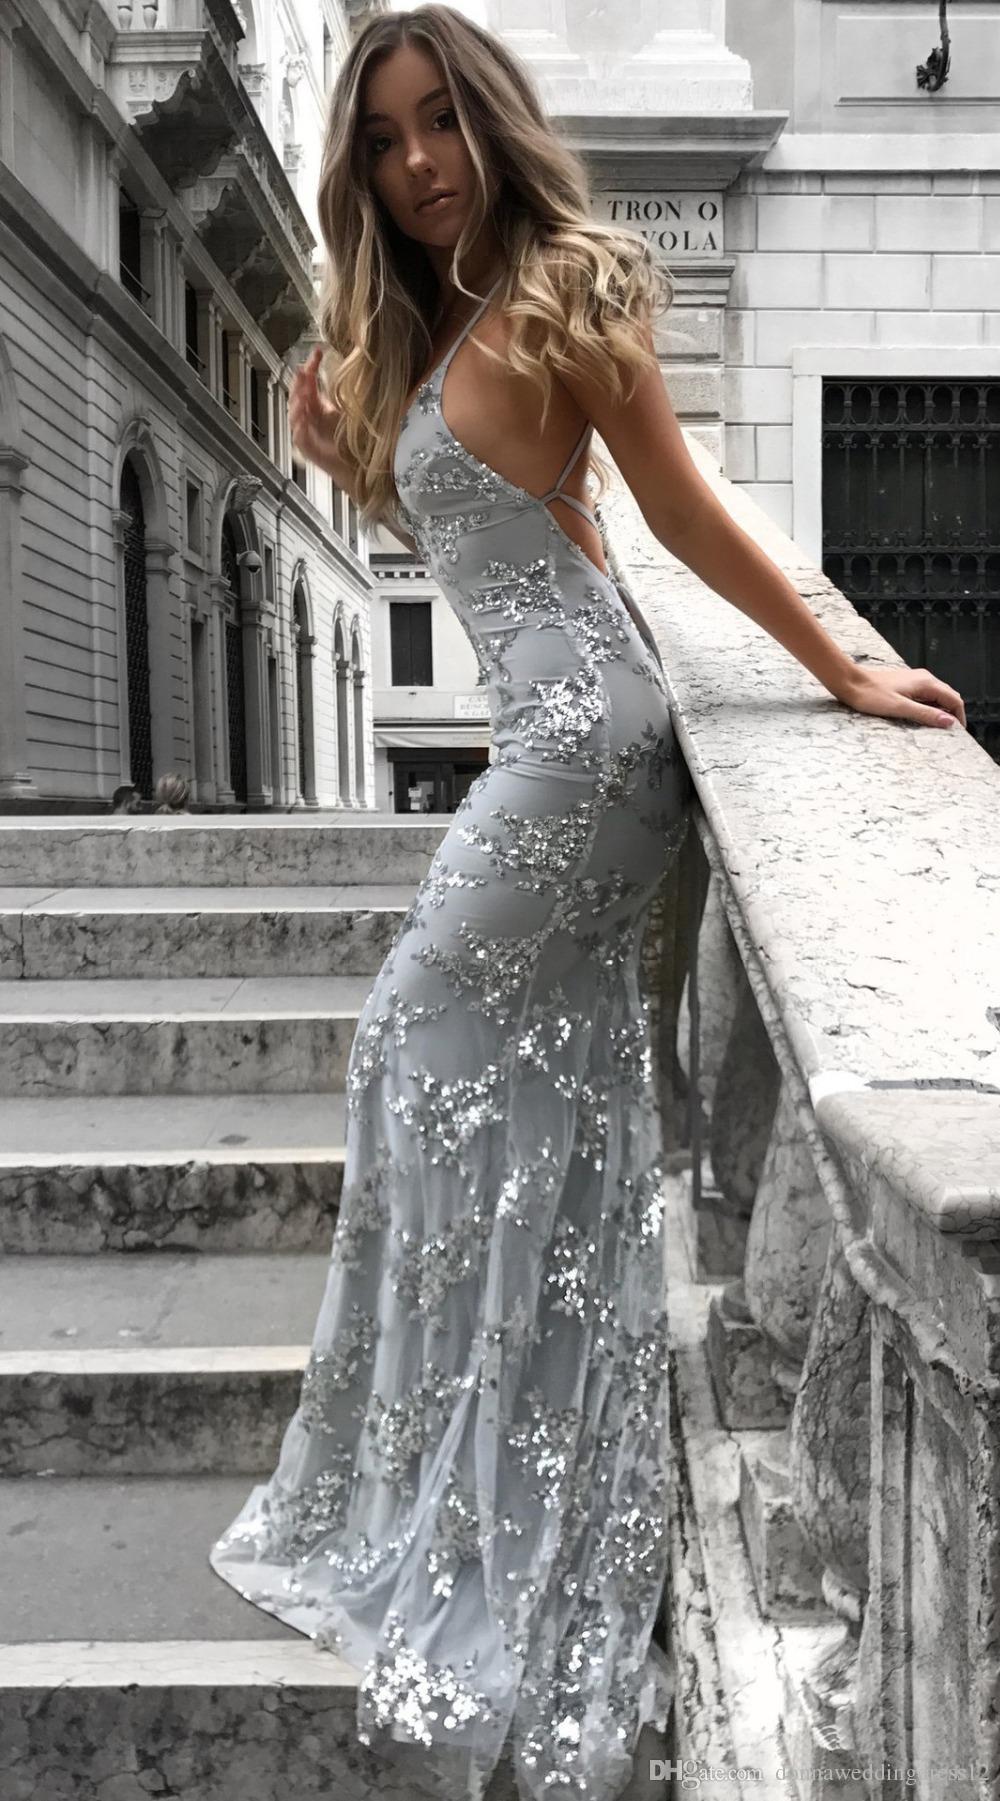 2018 Sexy Graceful col en V Spahetti bretelles Paillettes sirène longue robe de bal d'argent Backless Robes de soirée Femme Party Maxi Dress pas cher